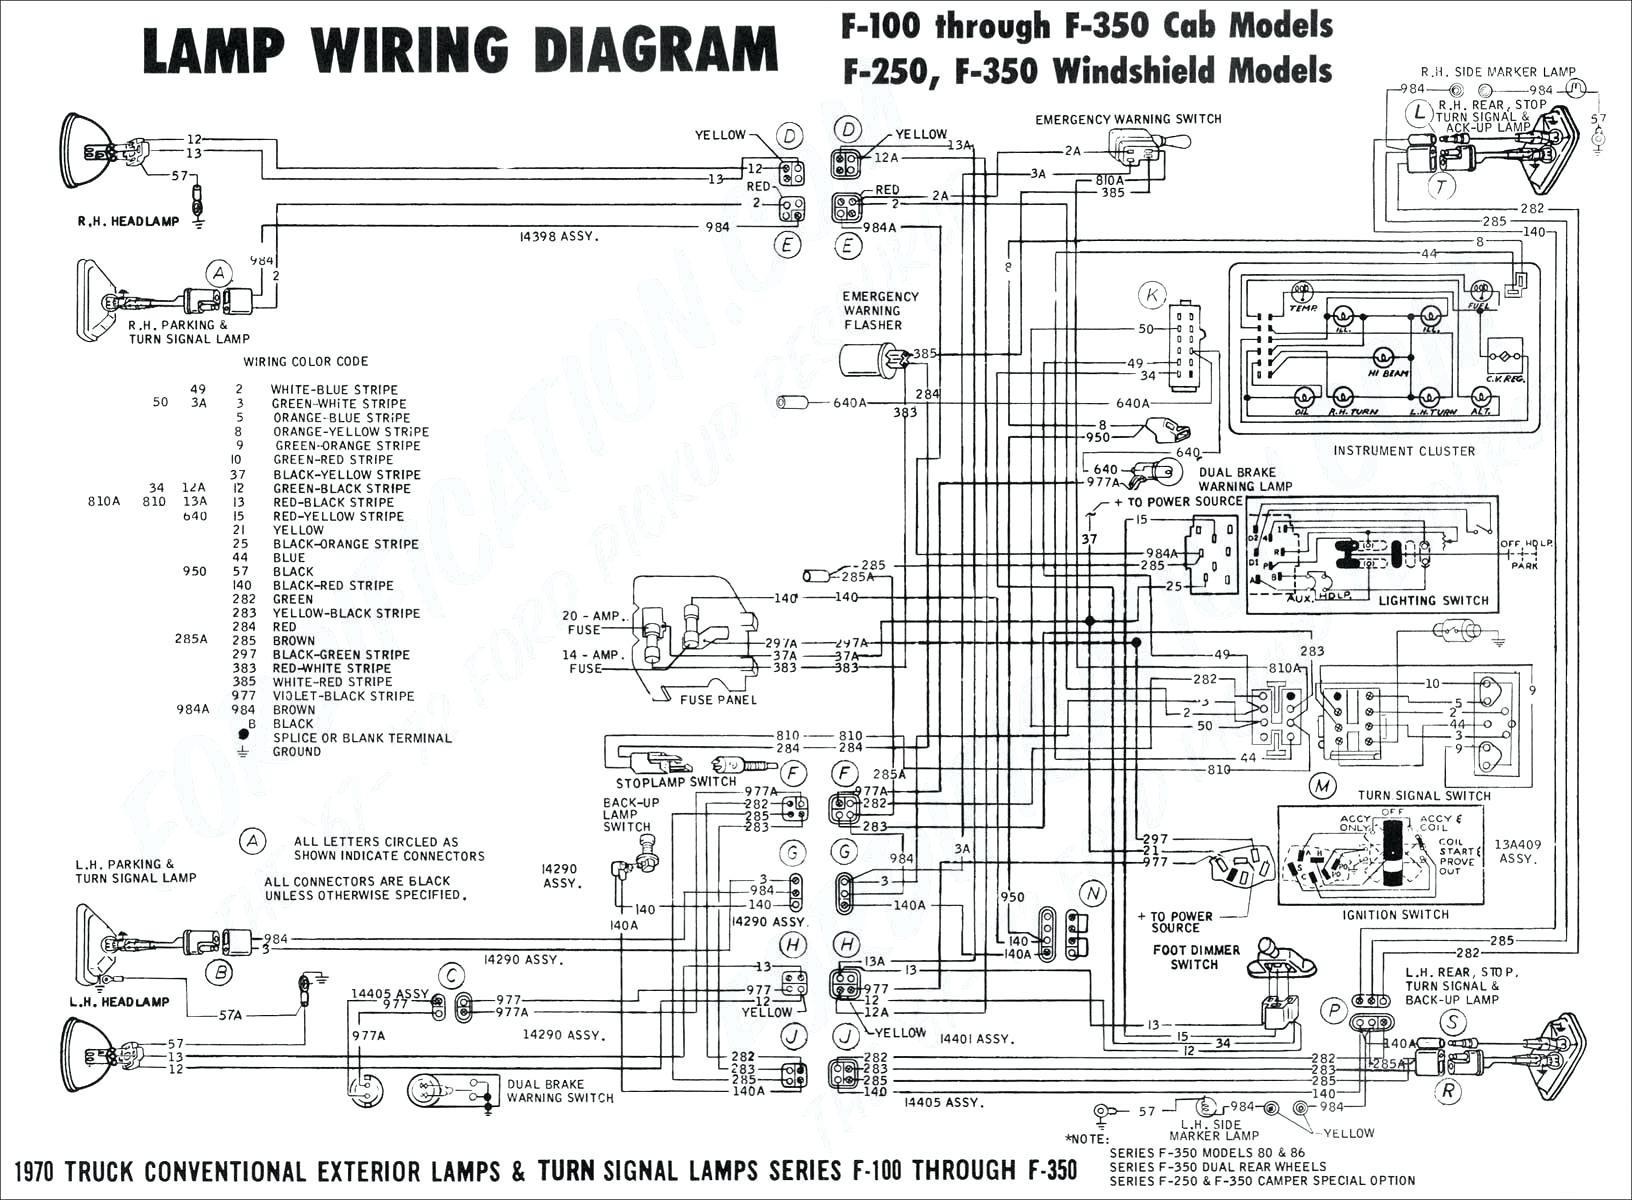 3 Phase Wiring Diagram Wiring Diagram Motor 3 Phase – Eugrab Of 3 Phase Wiring Diagram